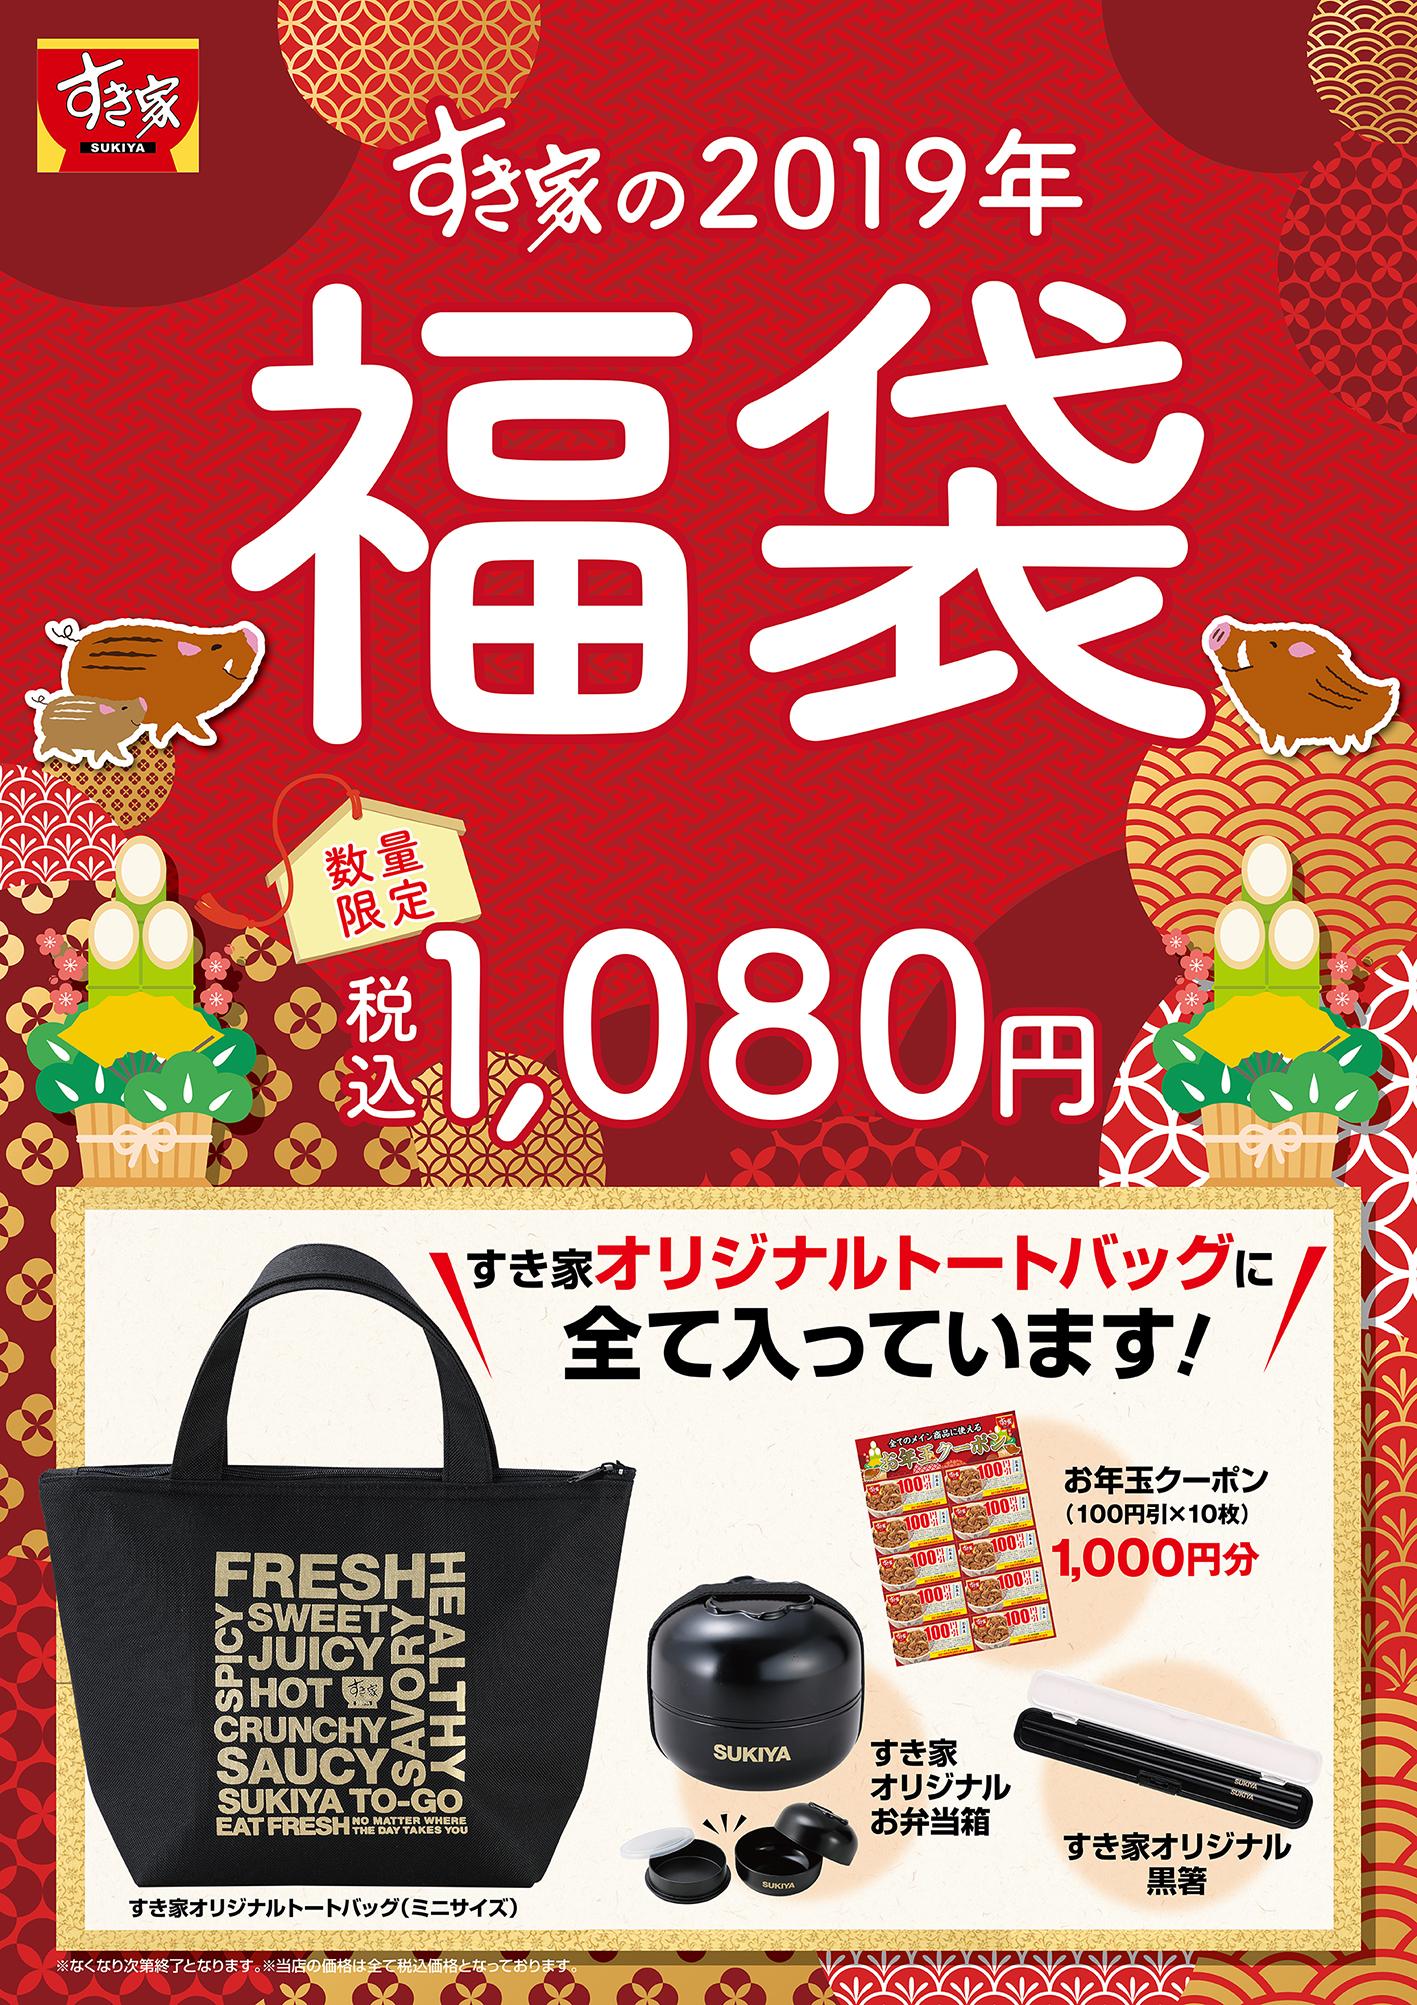 photo_20181221-3_fukubukuro.jpg